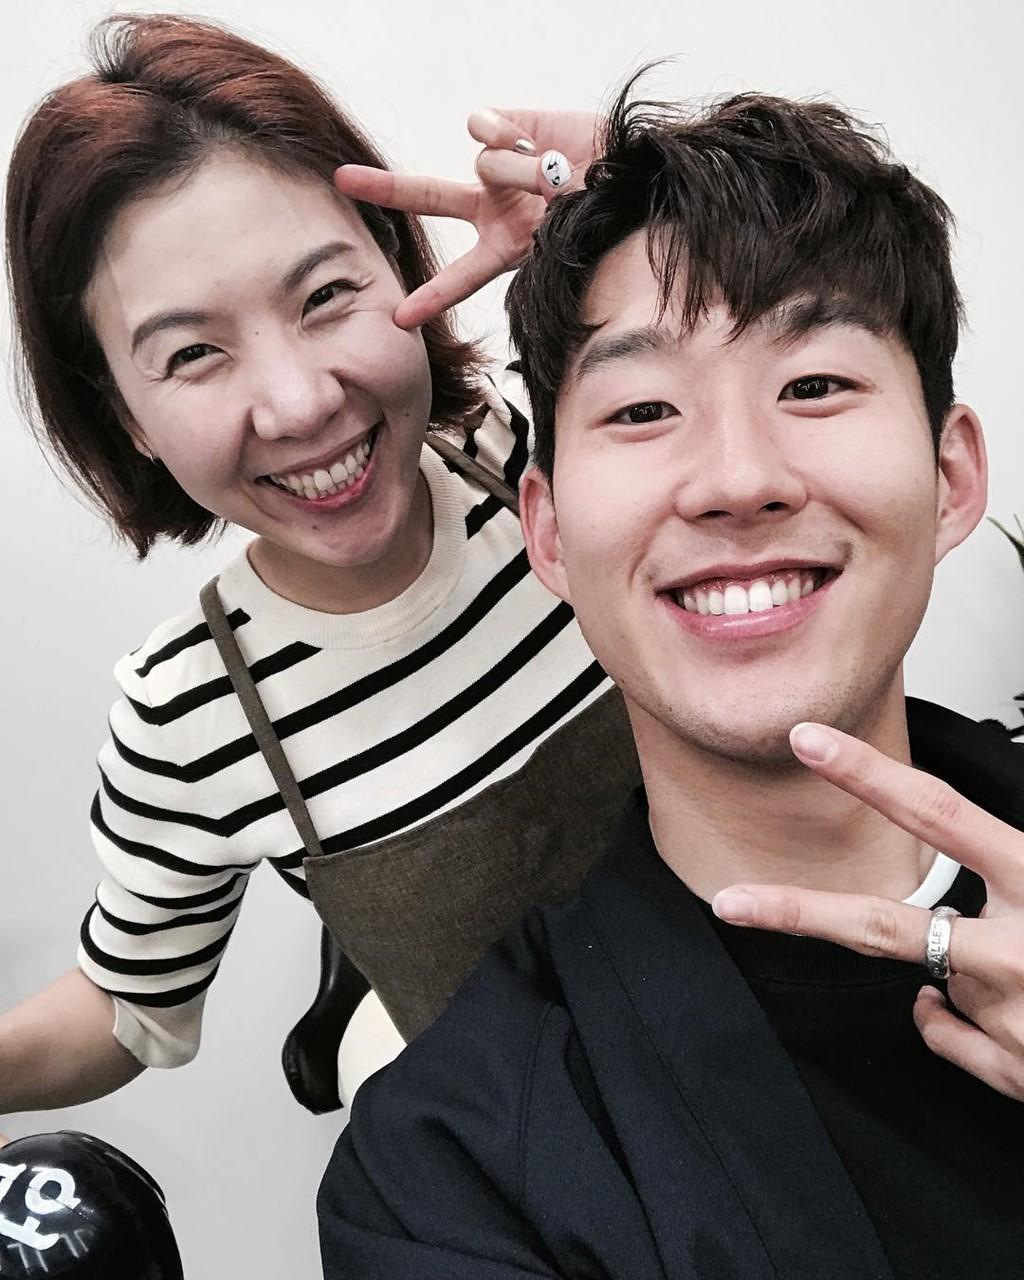 Cầu thủ Hàn Quốc Son Heung-min siêu dễ thương với đôi mắt một mí - Ảnh 3.